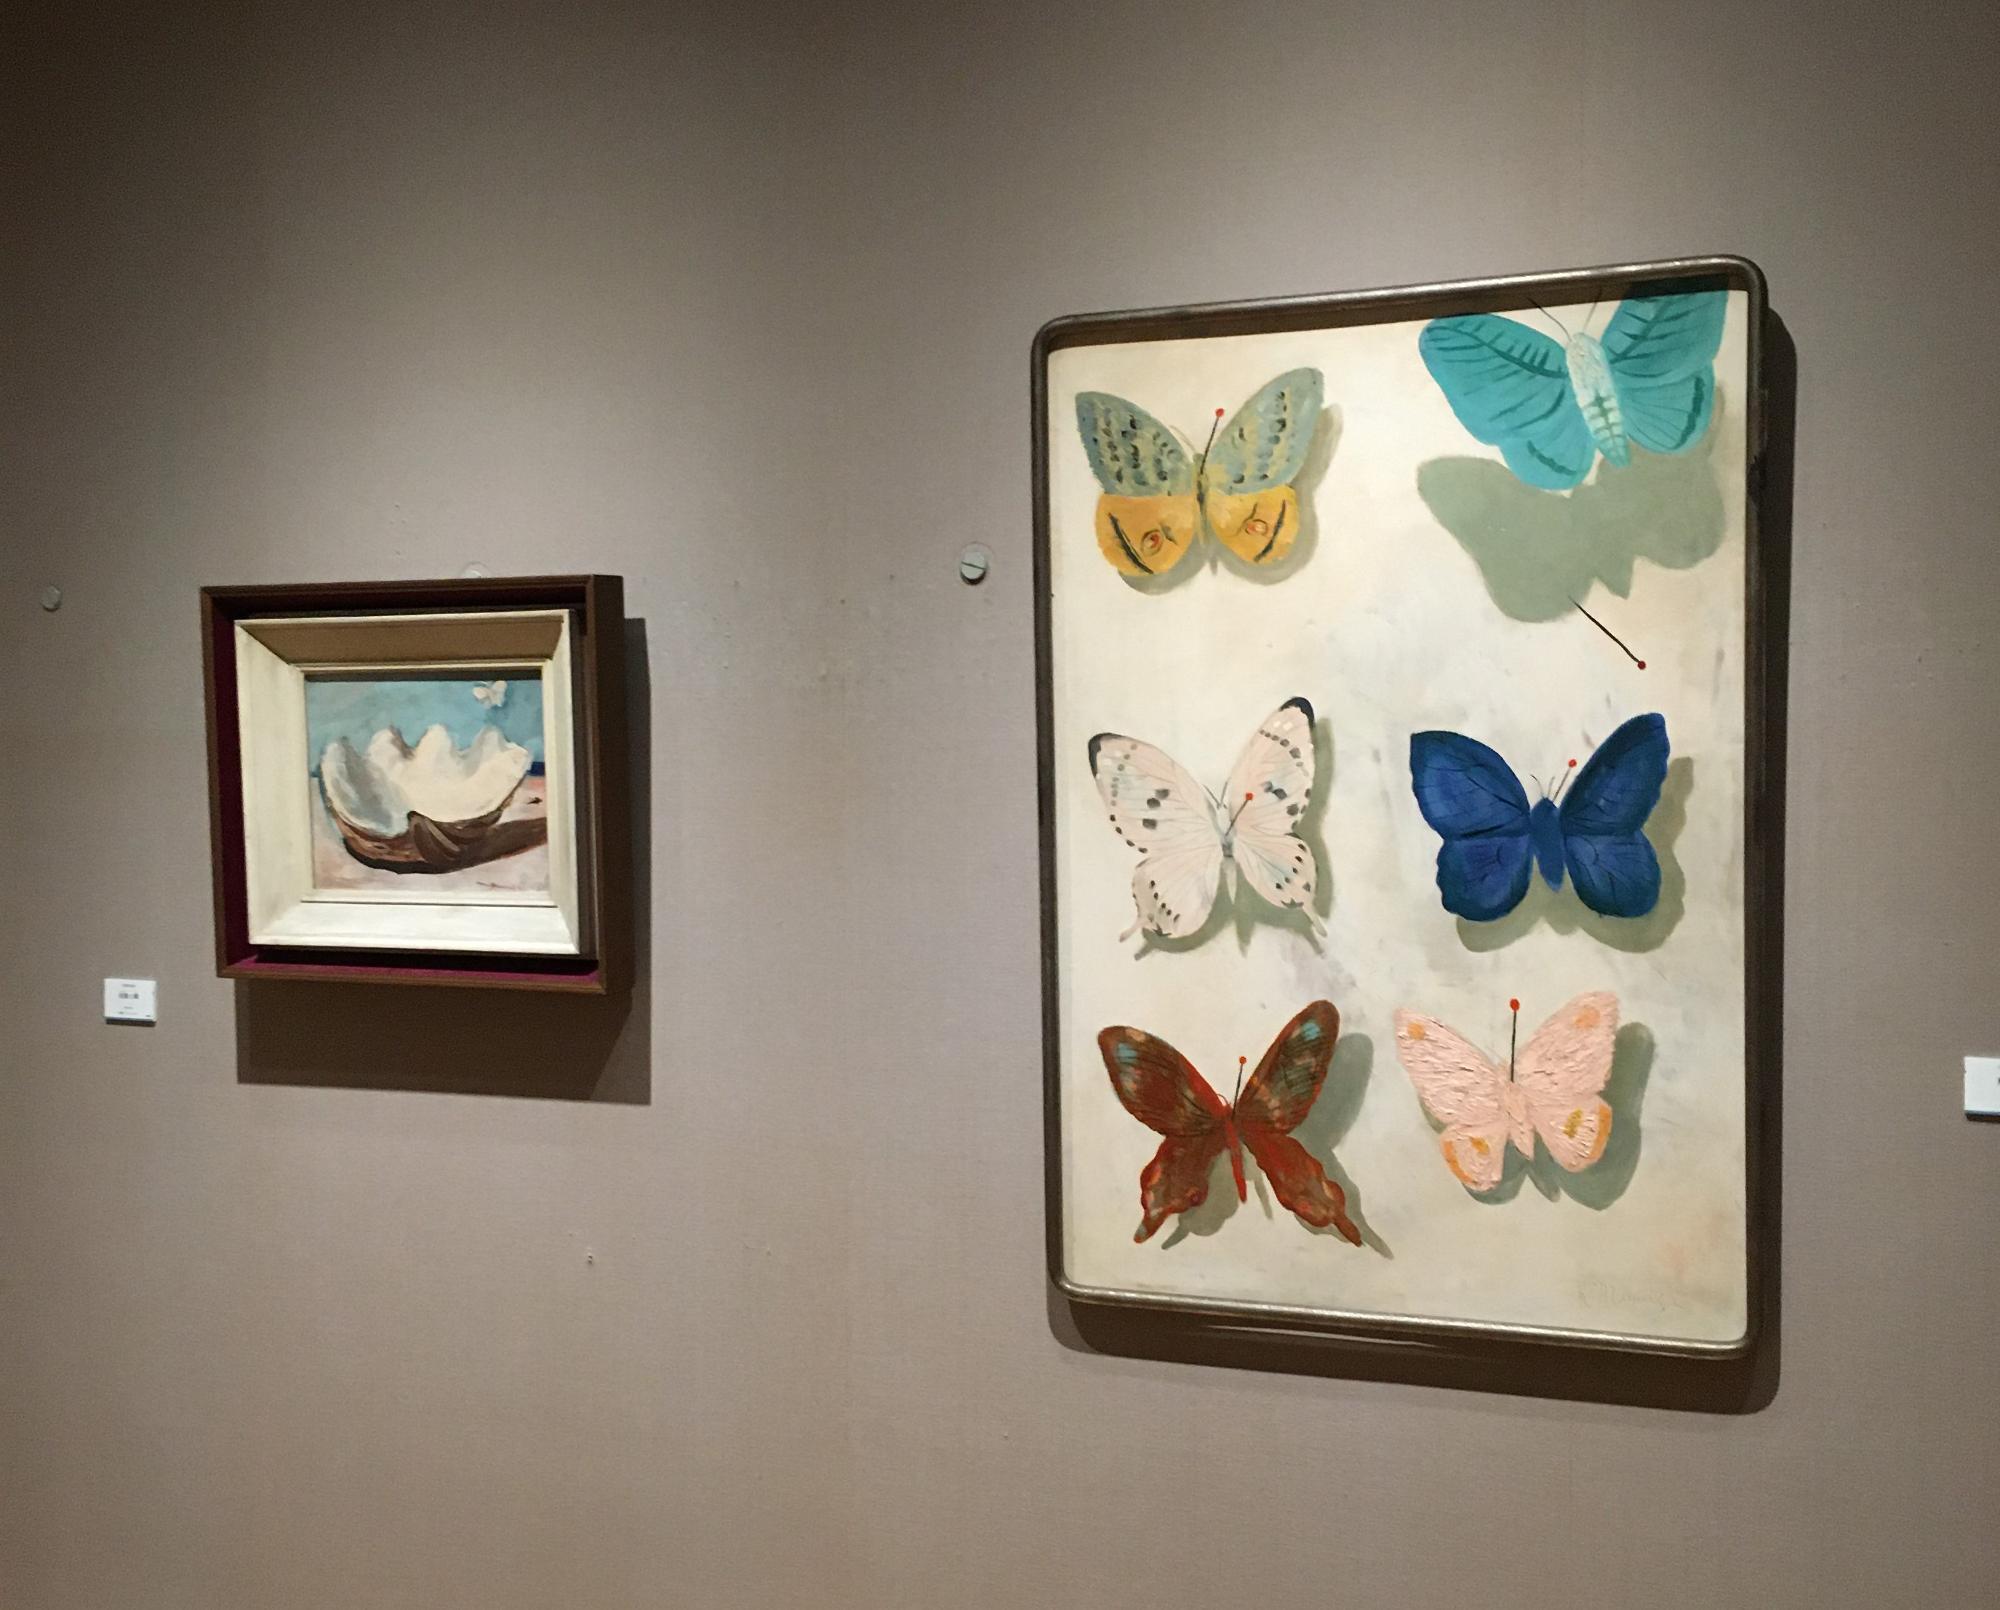 晩年の代表的なモチーフの貝と蝶。左が三岸が描いた『海洋を渡る蝶』、右が『飛ぶ蝶』。この2つが、今回の絵本にはなくてはならない絵なのです